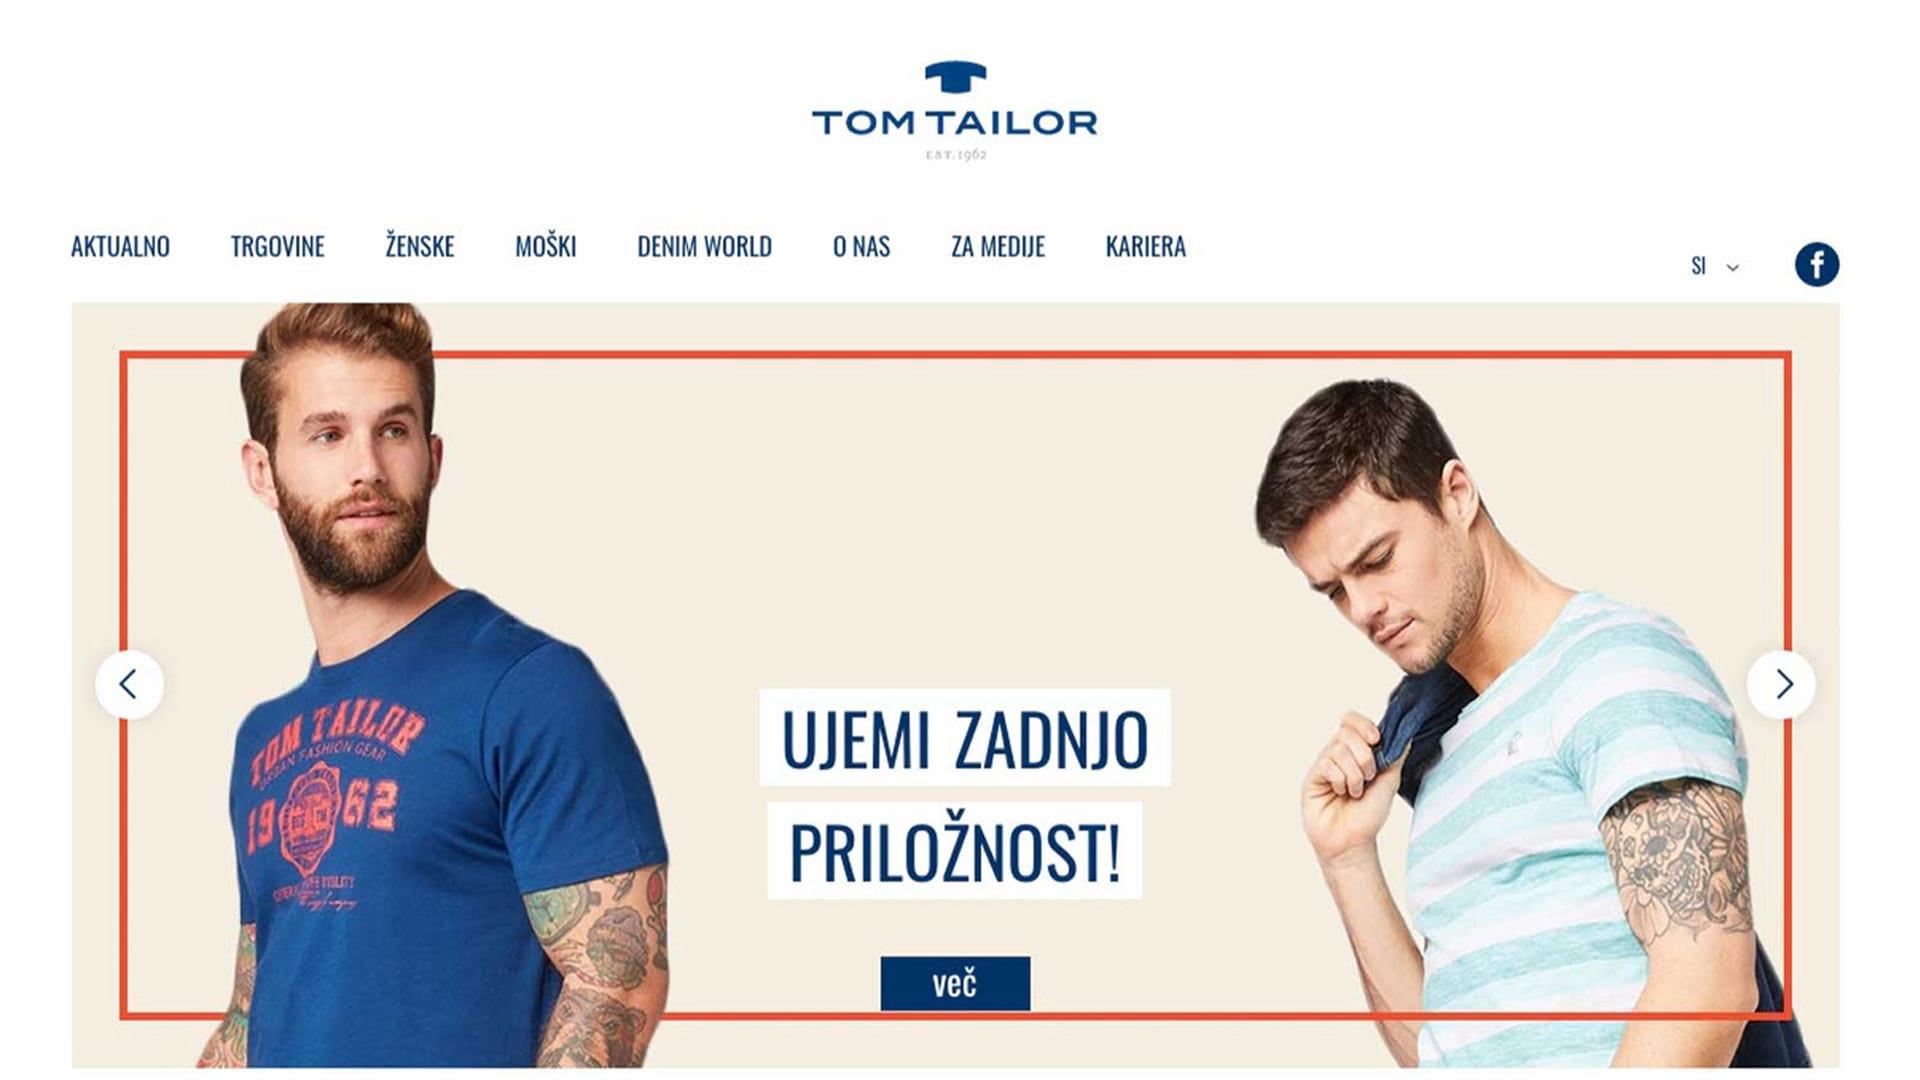 Tom Tailor: Digitalizacija zaposlitvenega procesa